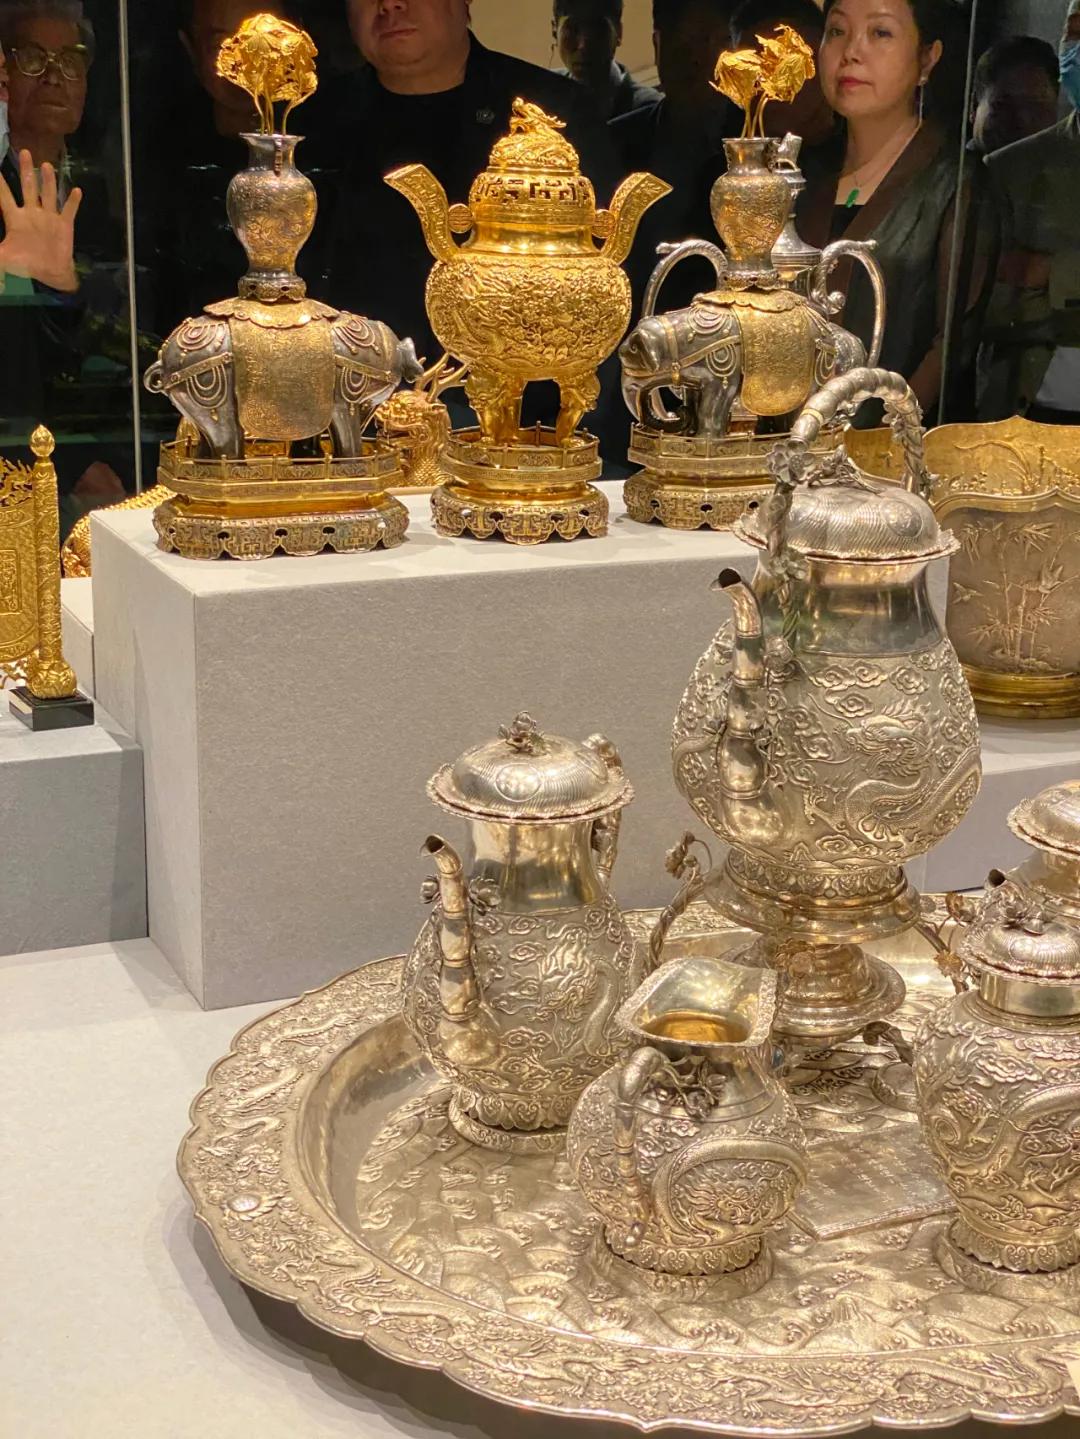 龙商动态 华永大厦及华永集团典藏金银器博物馆启用庆典隆重举行